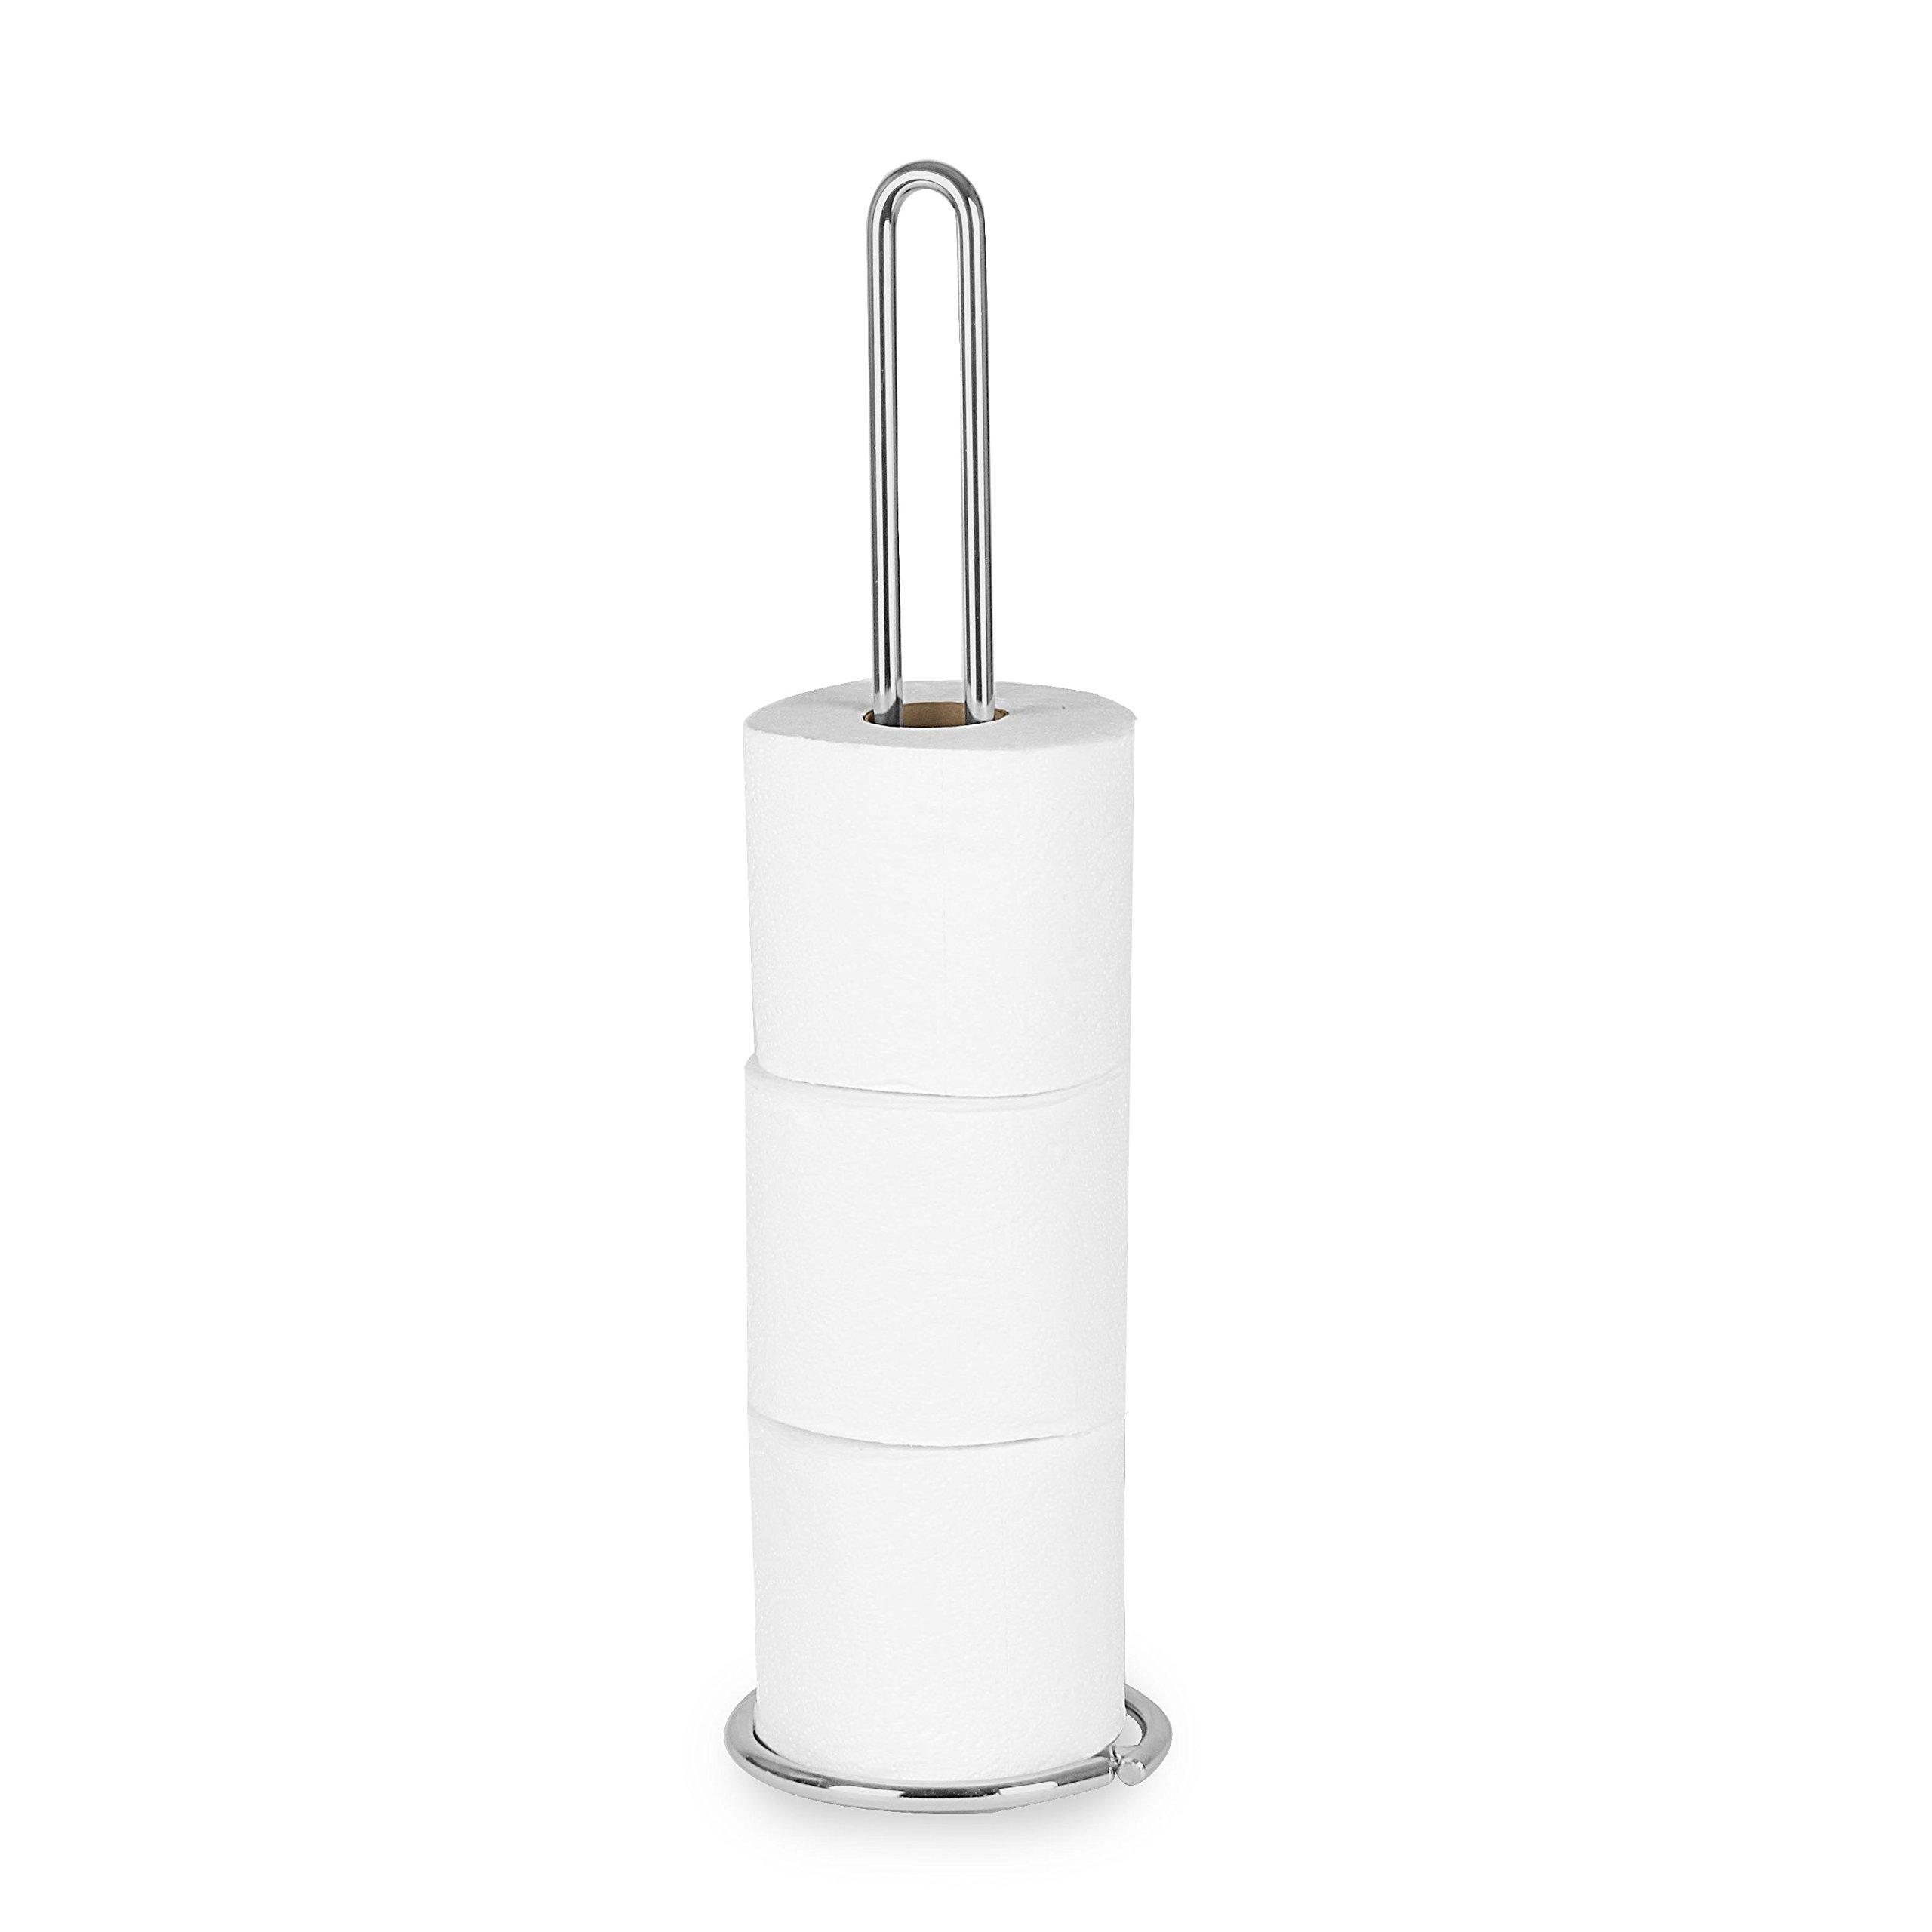 Spectrum Diversified Euro Toilet Tissue Reserve, Toilet Paper Holder, Toilet Roll Holder, Chrome